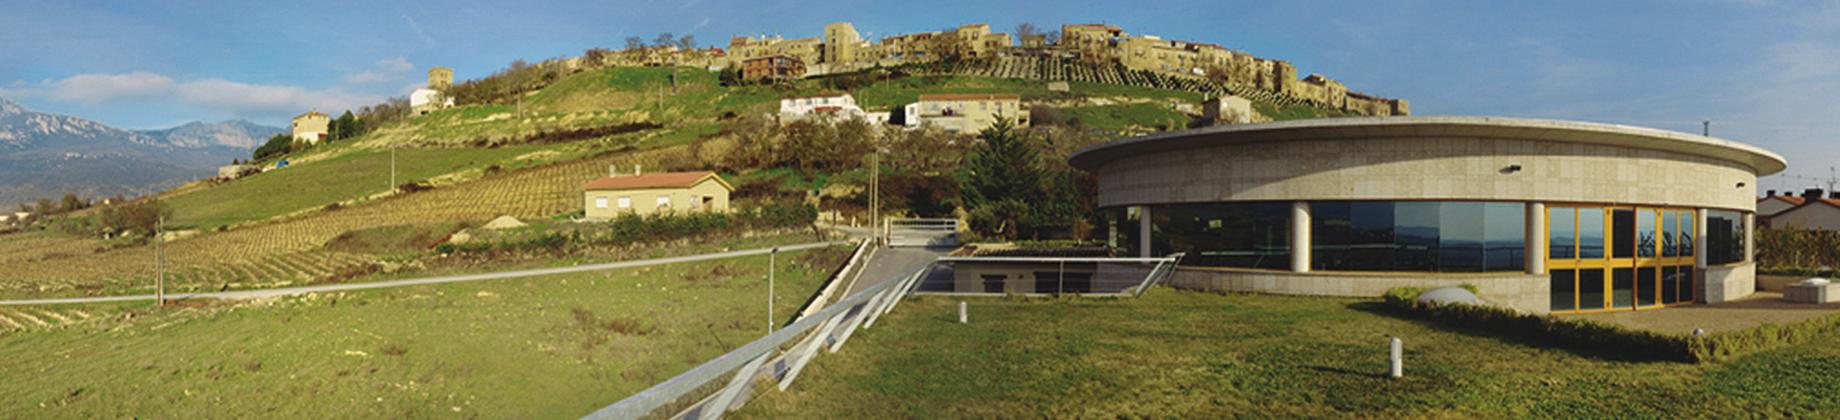 Bodegas y vinos en un viaje exclusivo a la cuna del vino riojano